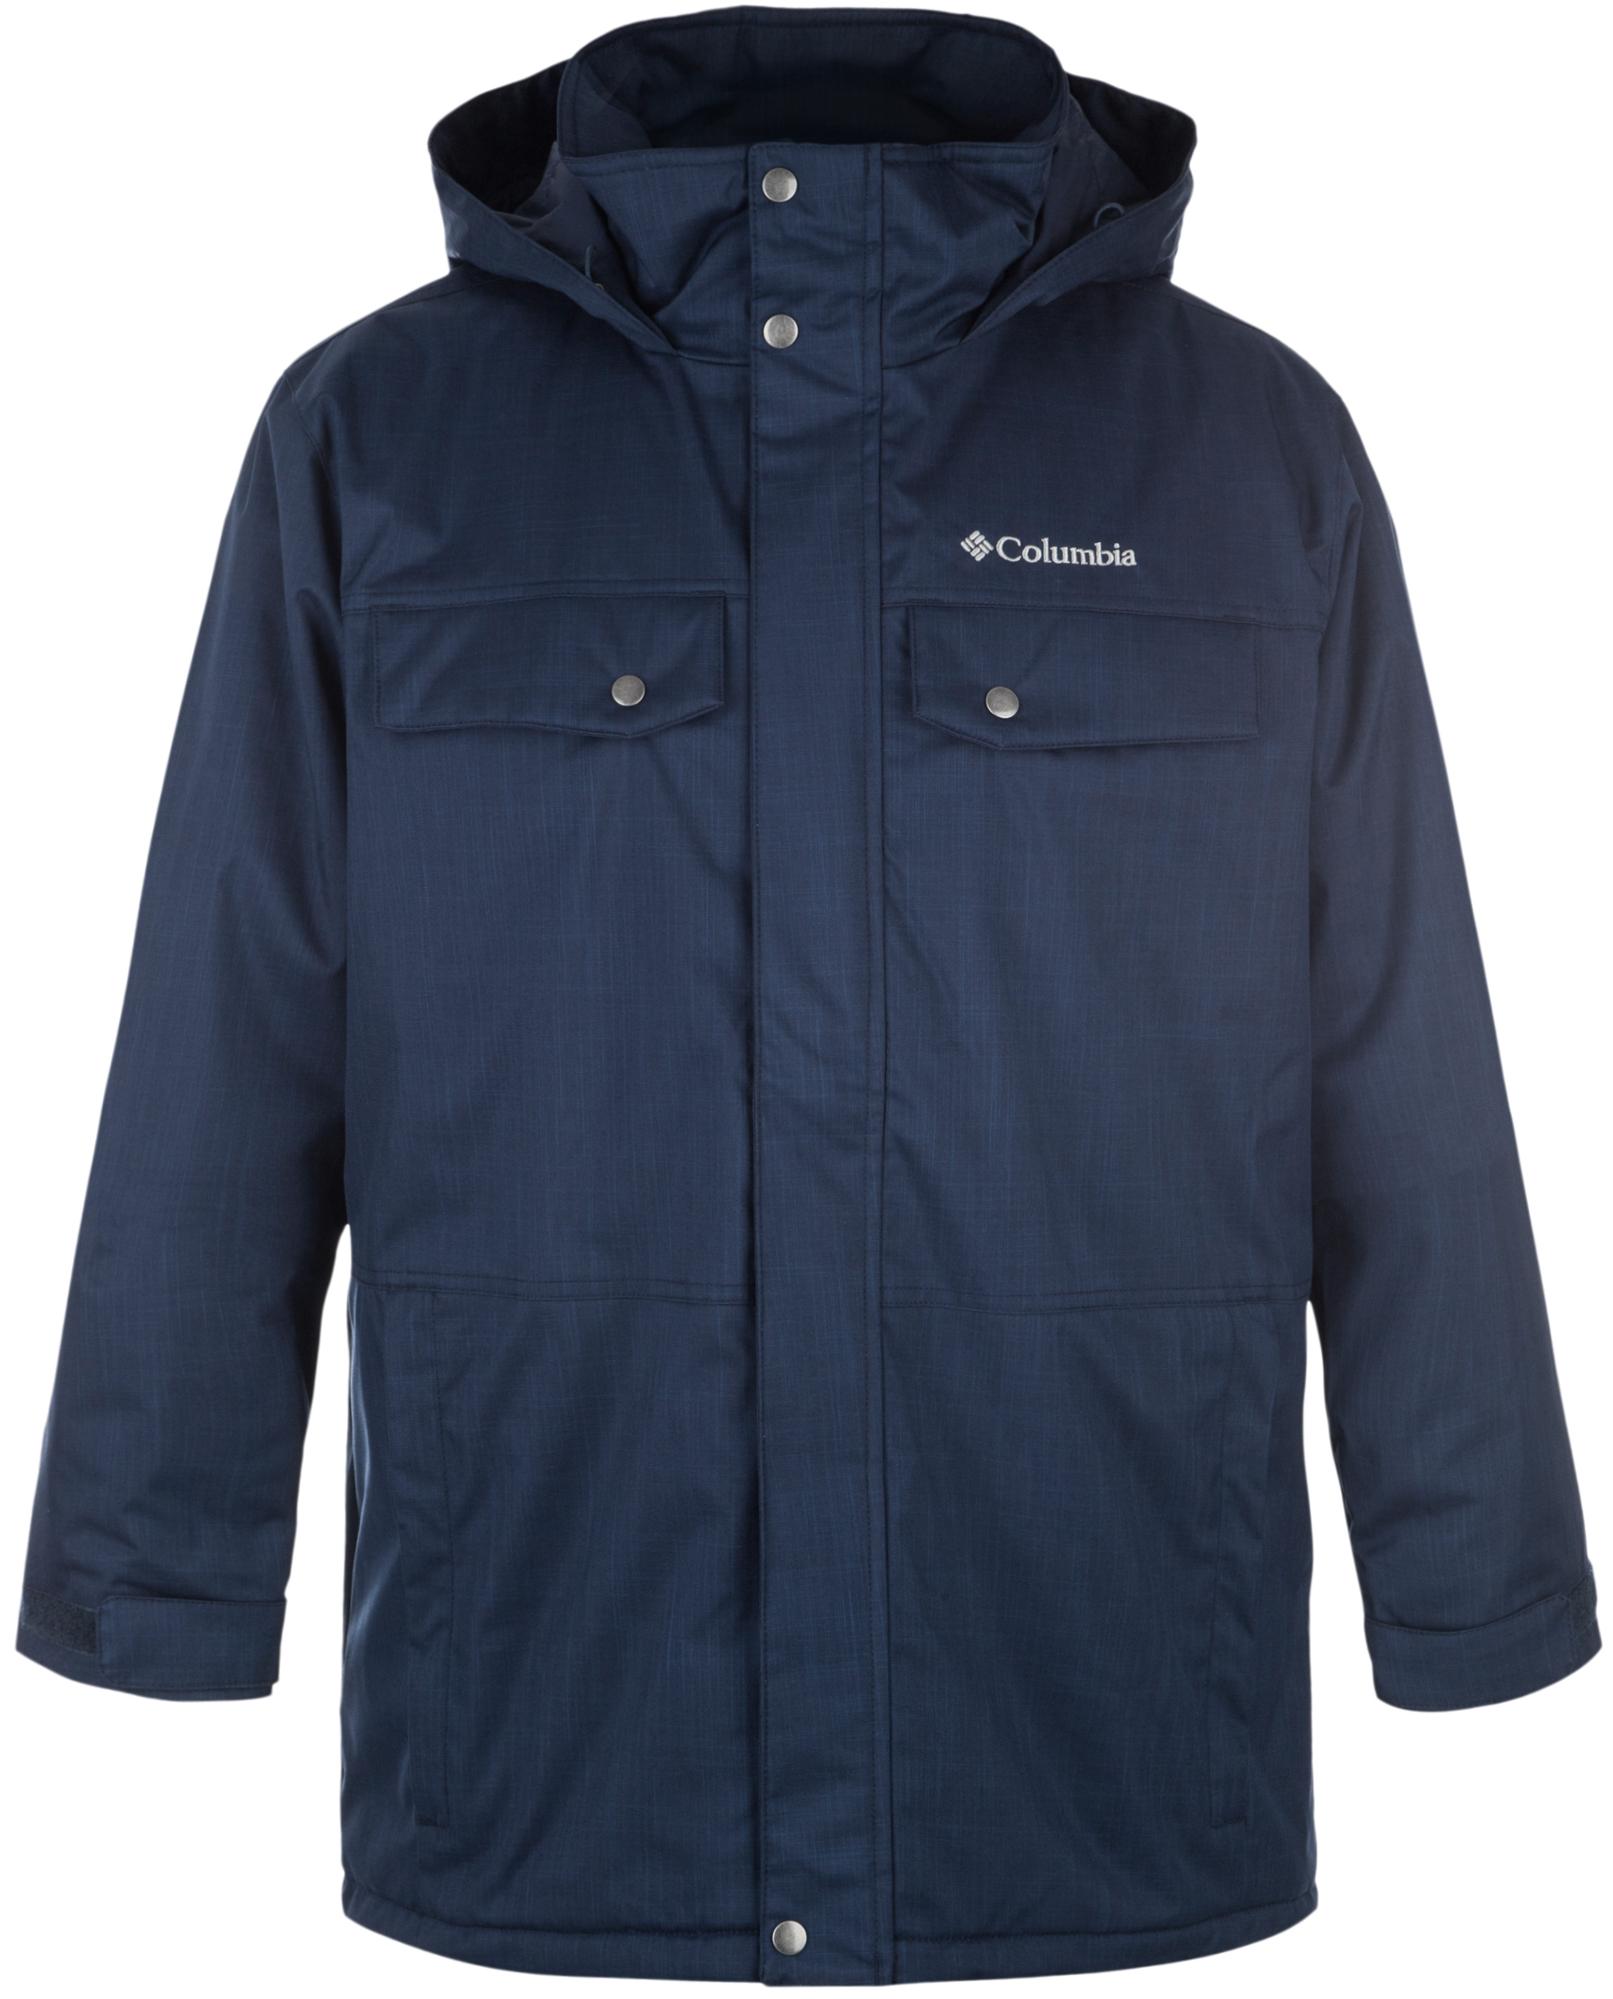 Columbia Куртка утепленная мужская Columbia Eagles Call columbia куртка утепленная для девочек columbia horizon ride